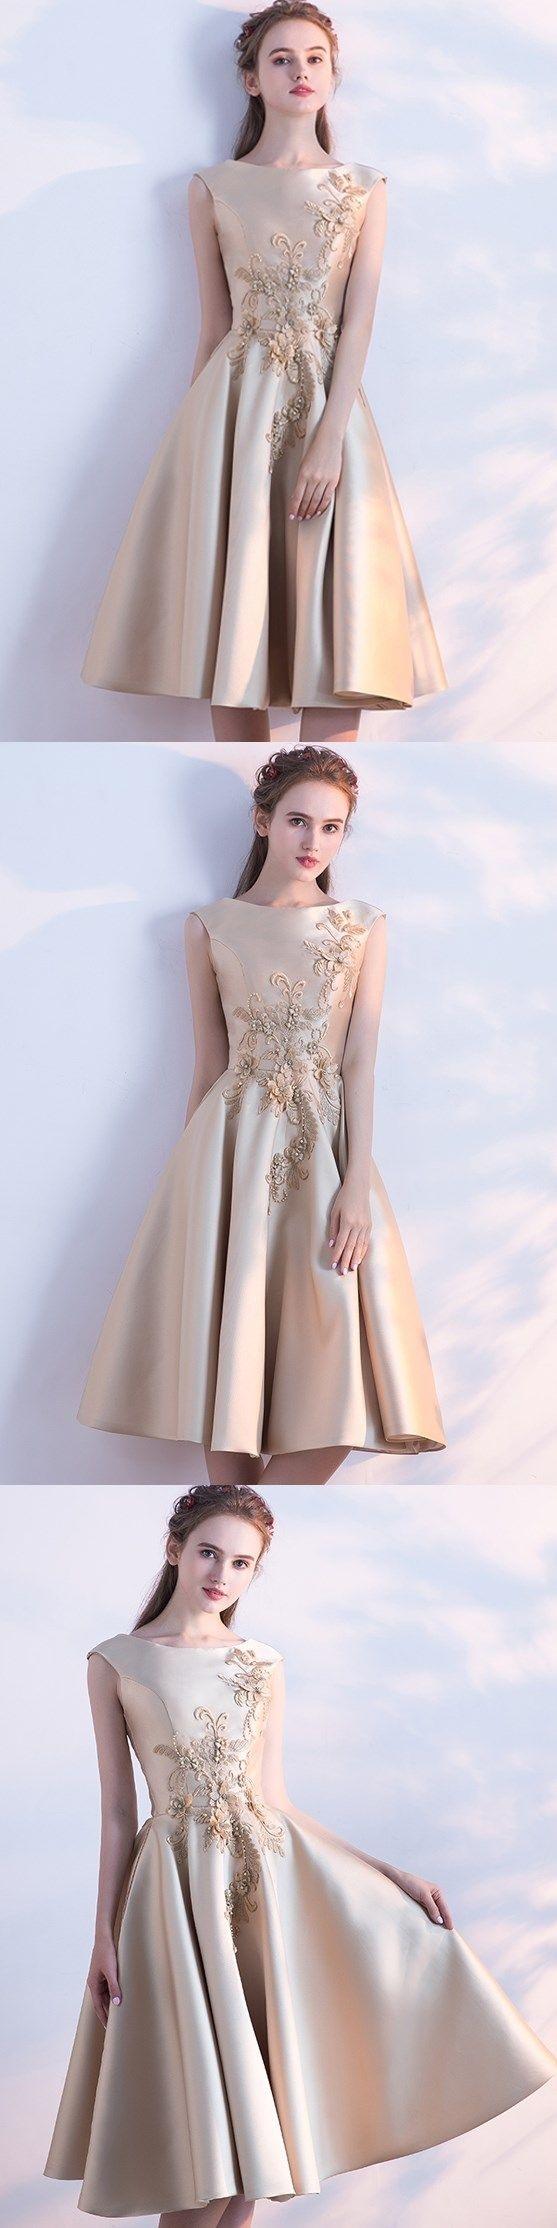 Designer Einzigartig Schöne Kleider Für Anlässe DesignDesigner Leicht Schöne Kleider Für Anlässe Bester Preis